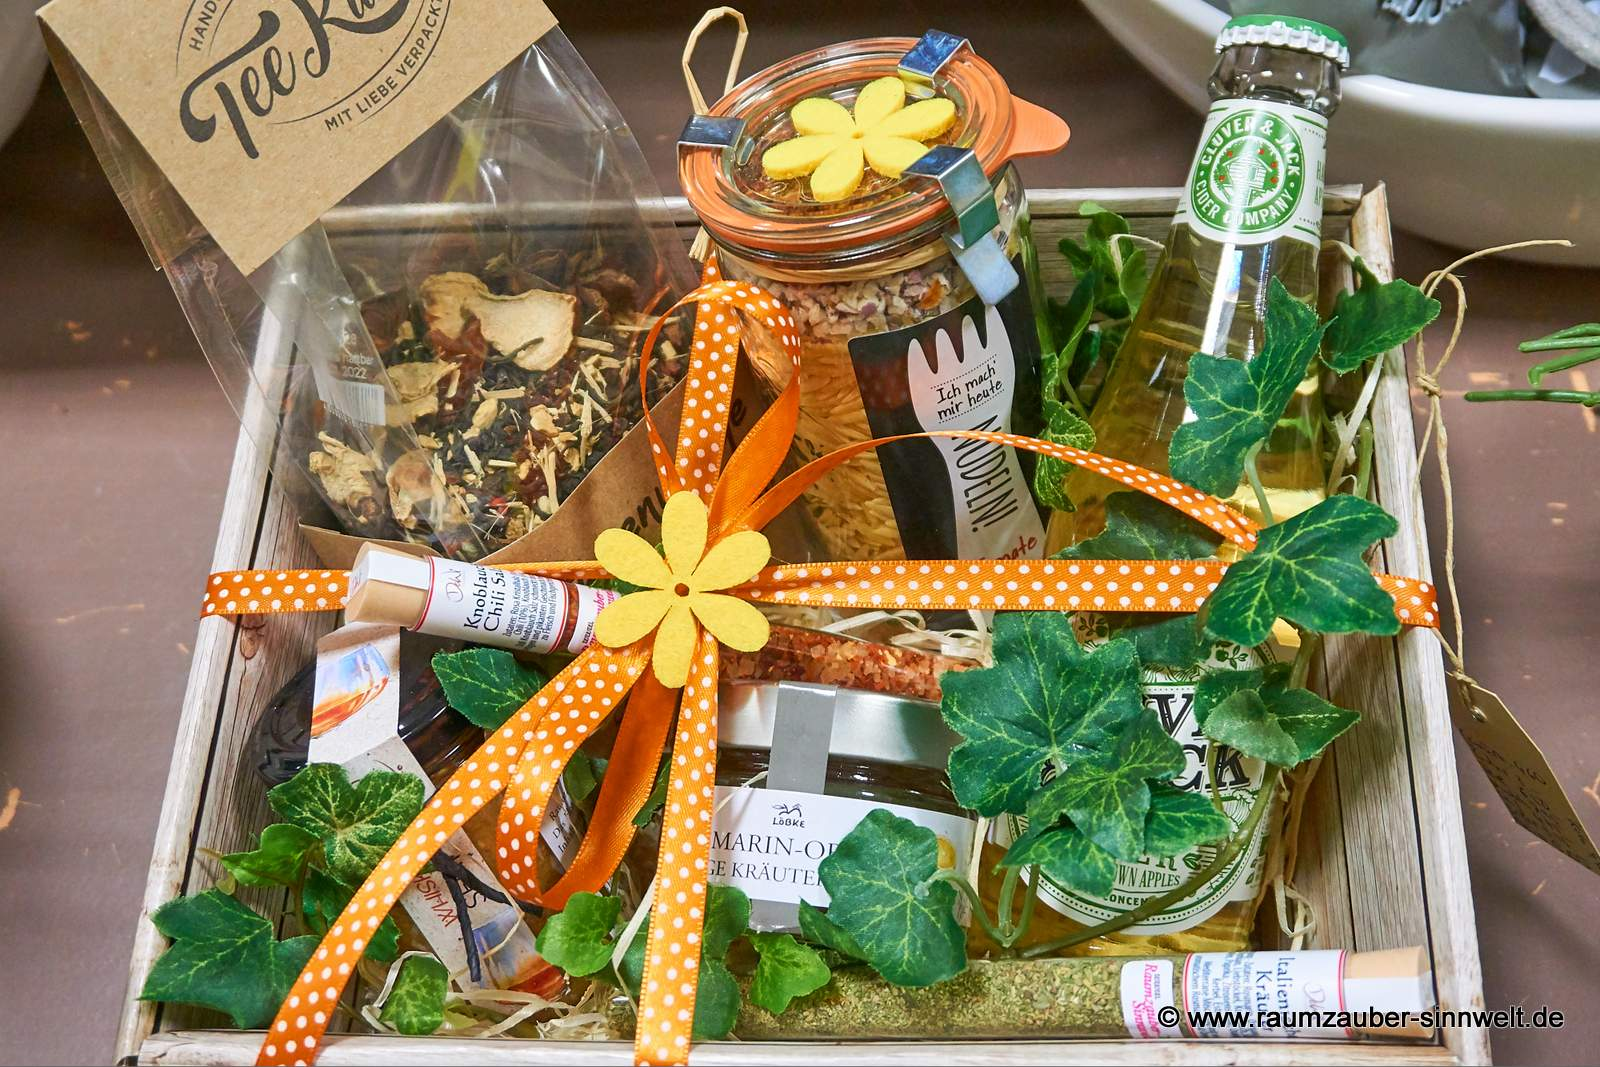 dekorierter Präsentkorb mit Nudeln, Gewürzröhrchen, Senf, Kräutergelee, Kräutertee und Cider